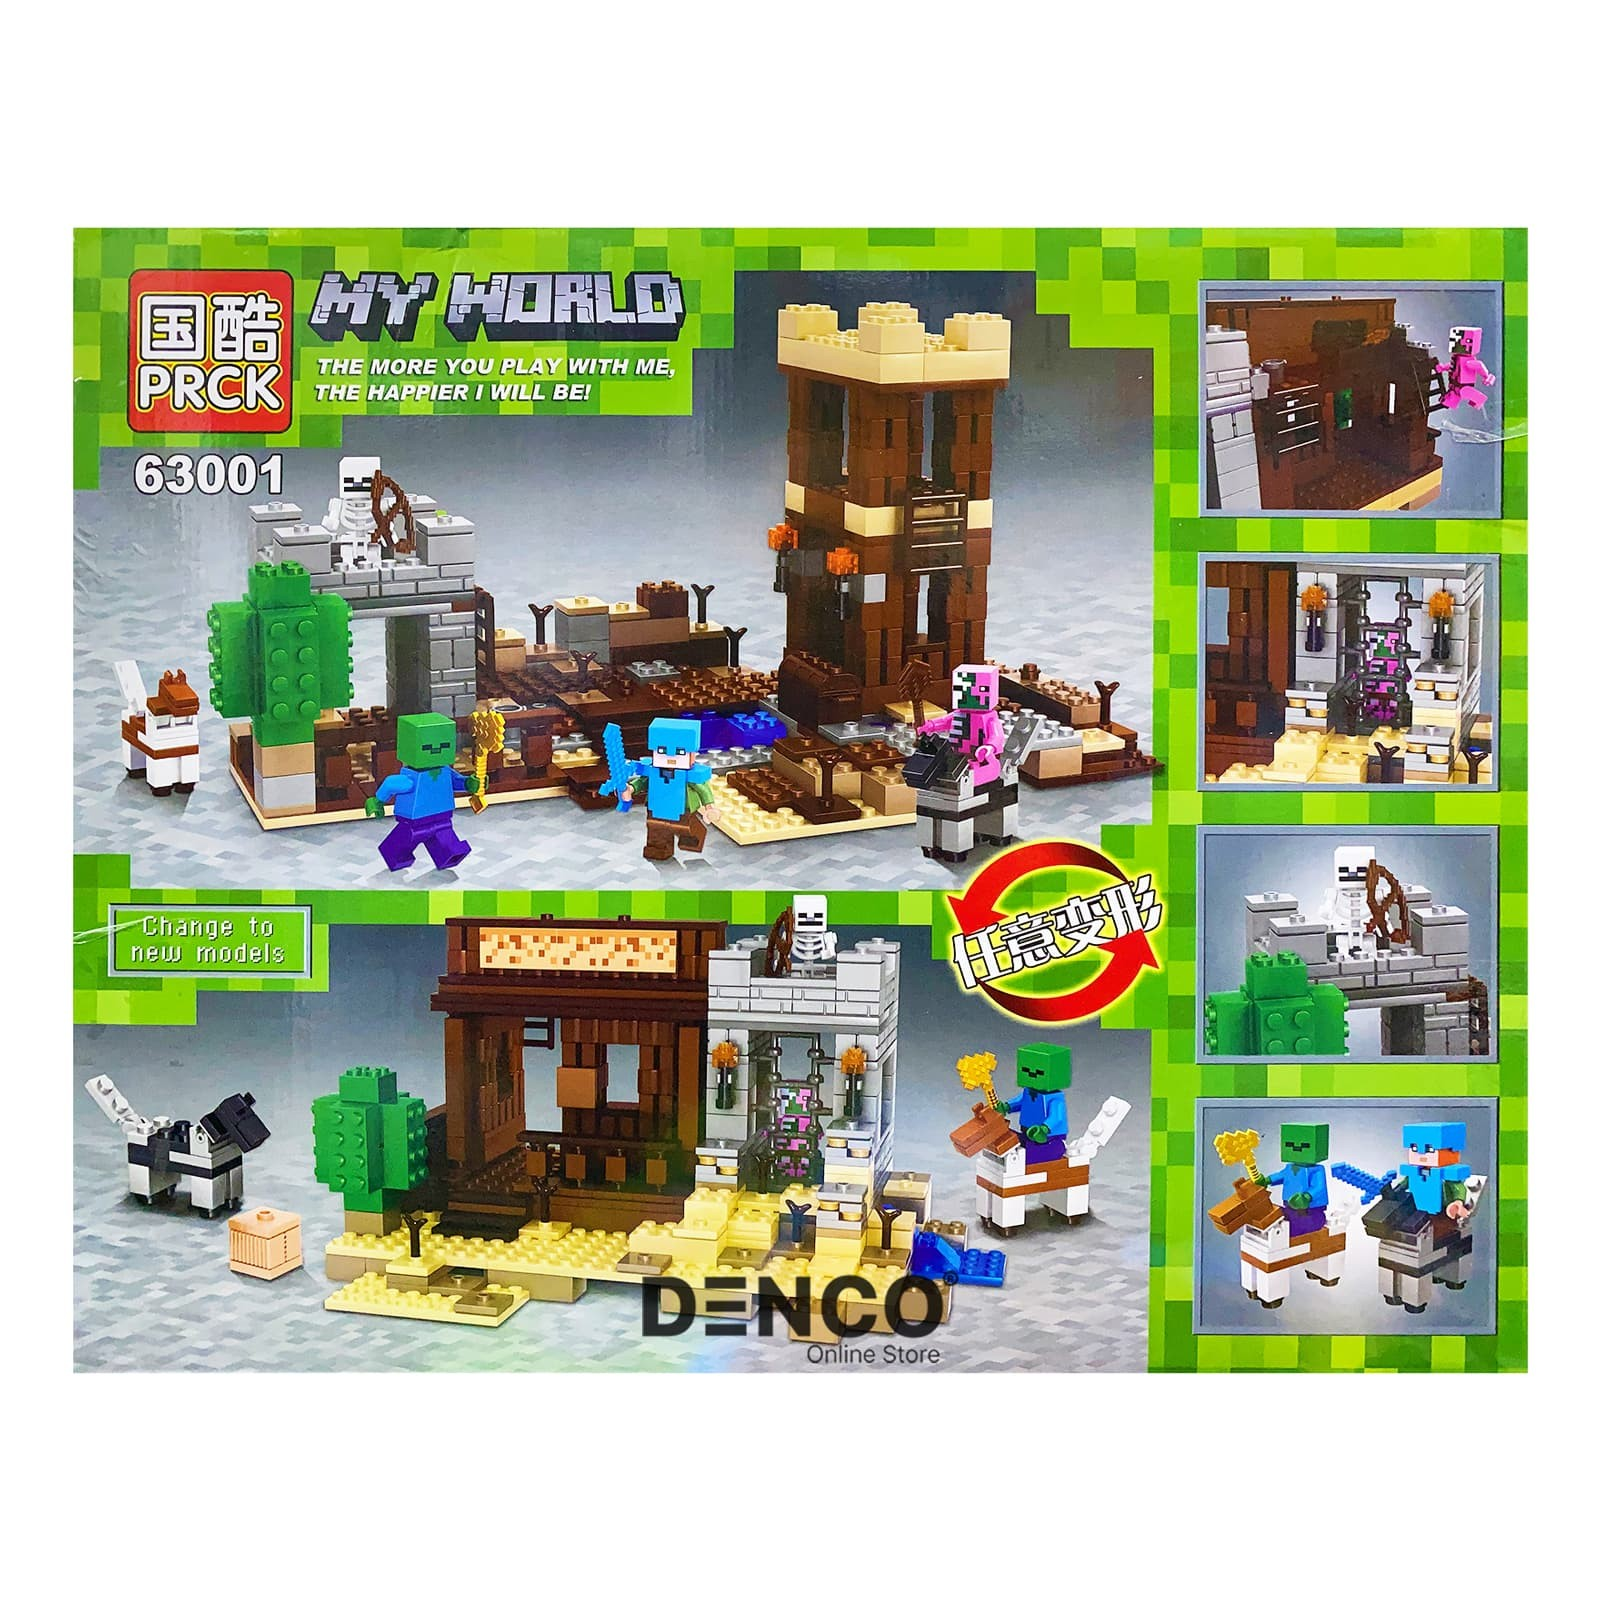 Конструктор PRCK MY World «Конный поход» 63001 (Minecraft) 530 деталей